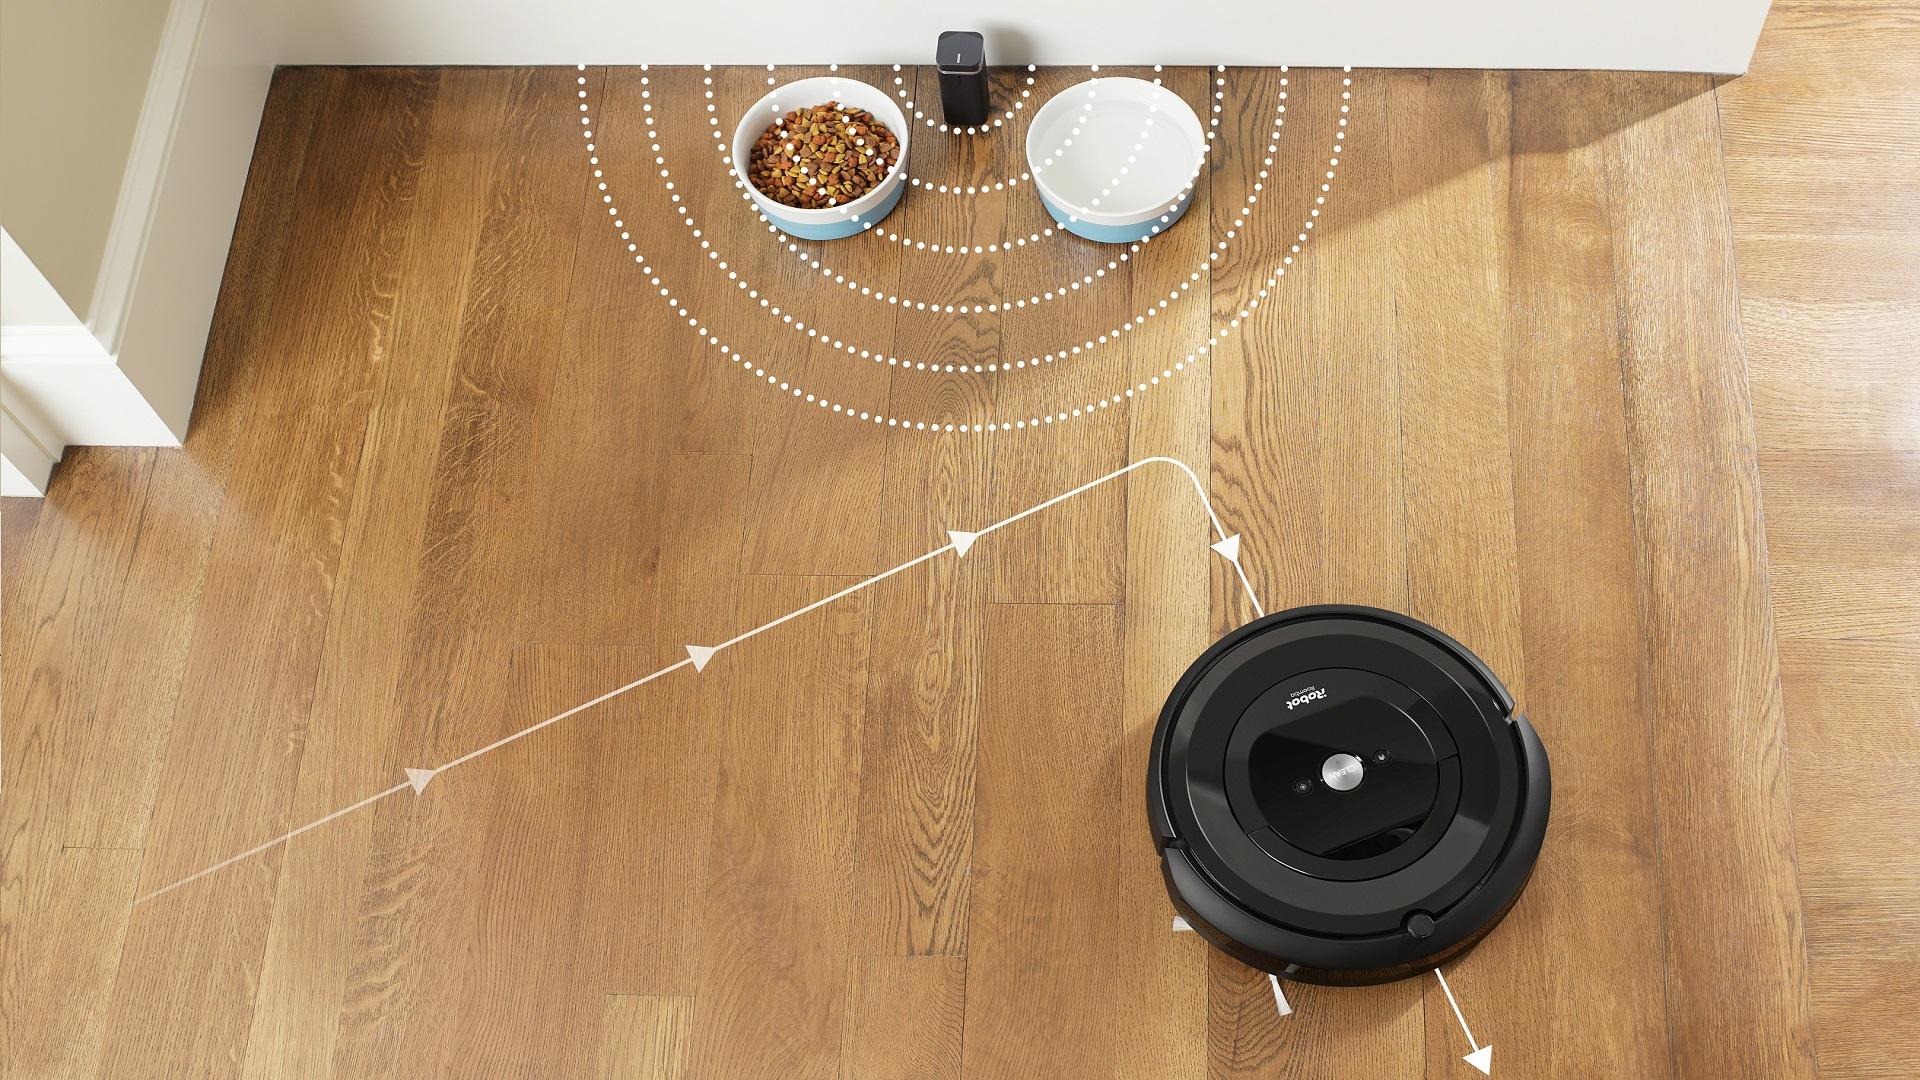 Robotstofzuiger Roomba e5 aangekondigd - NWTV